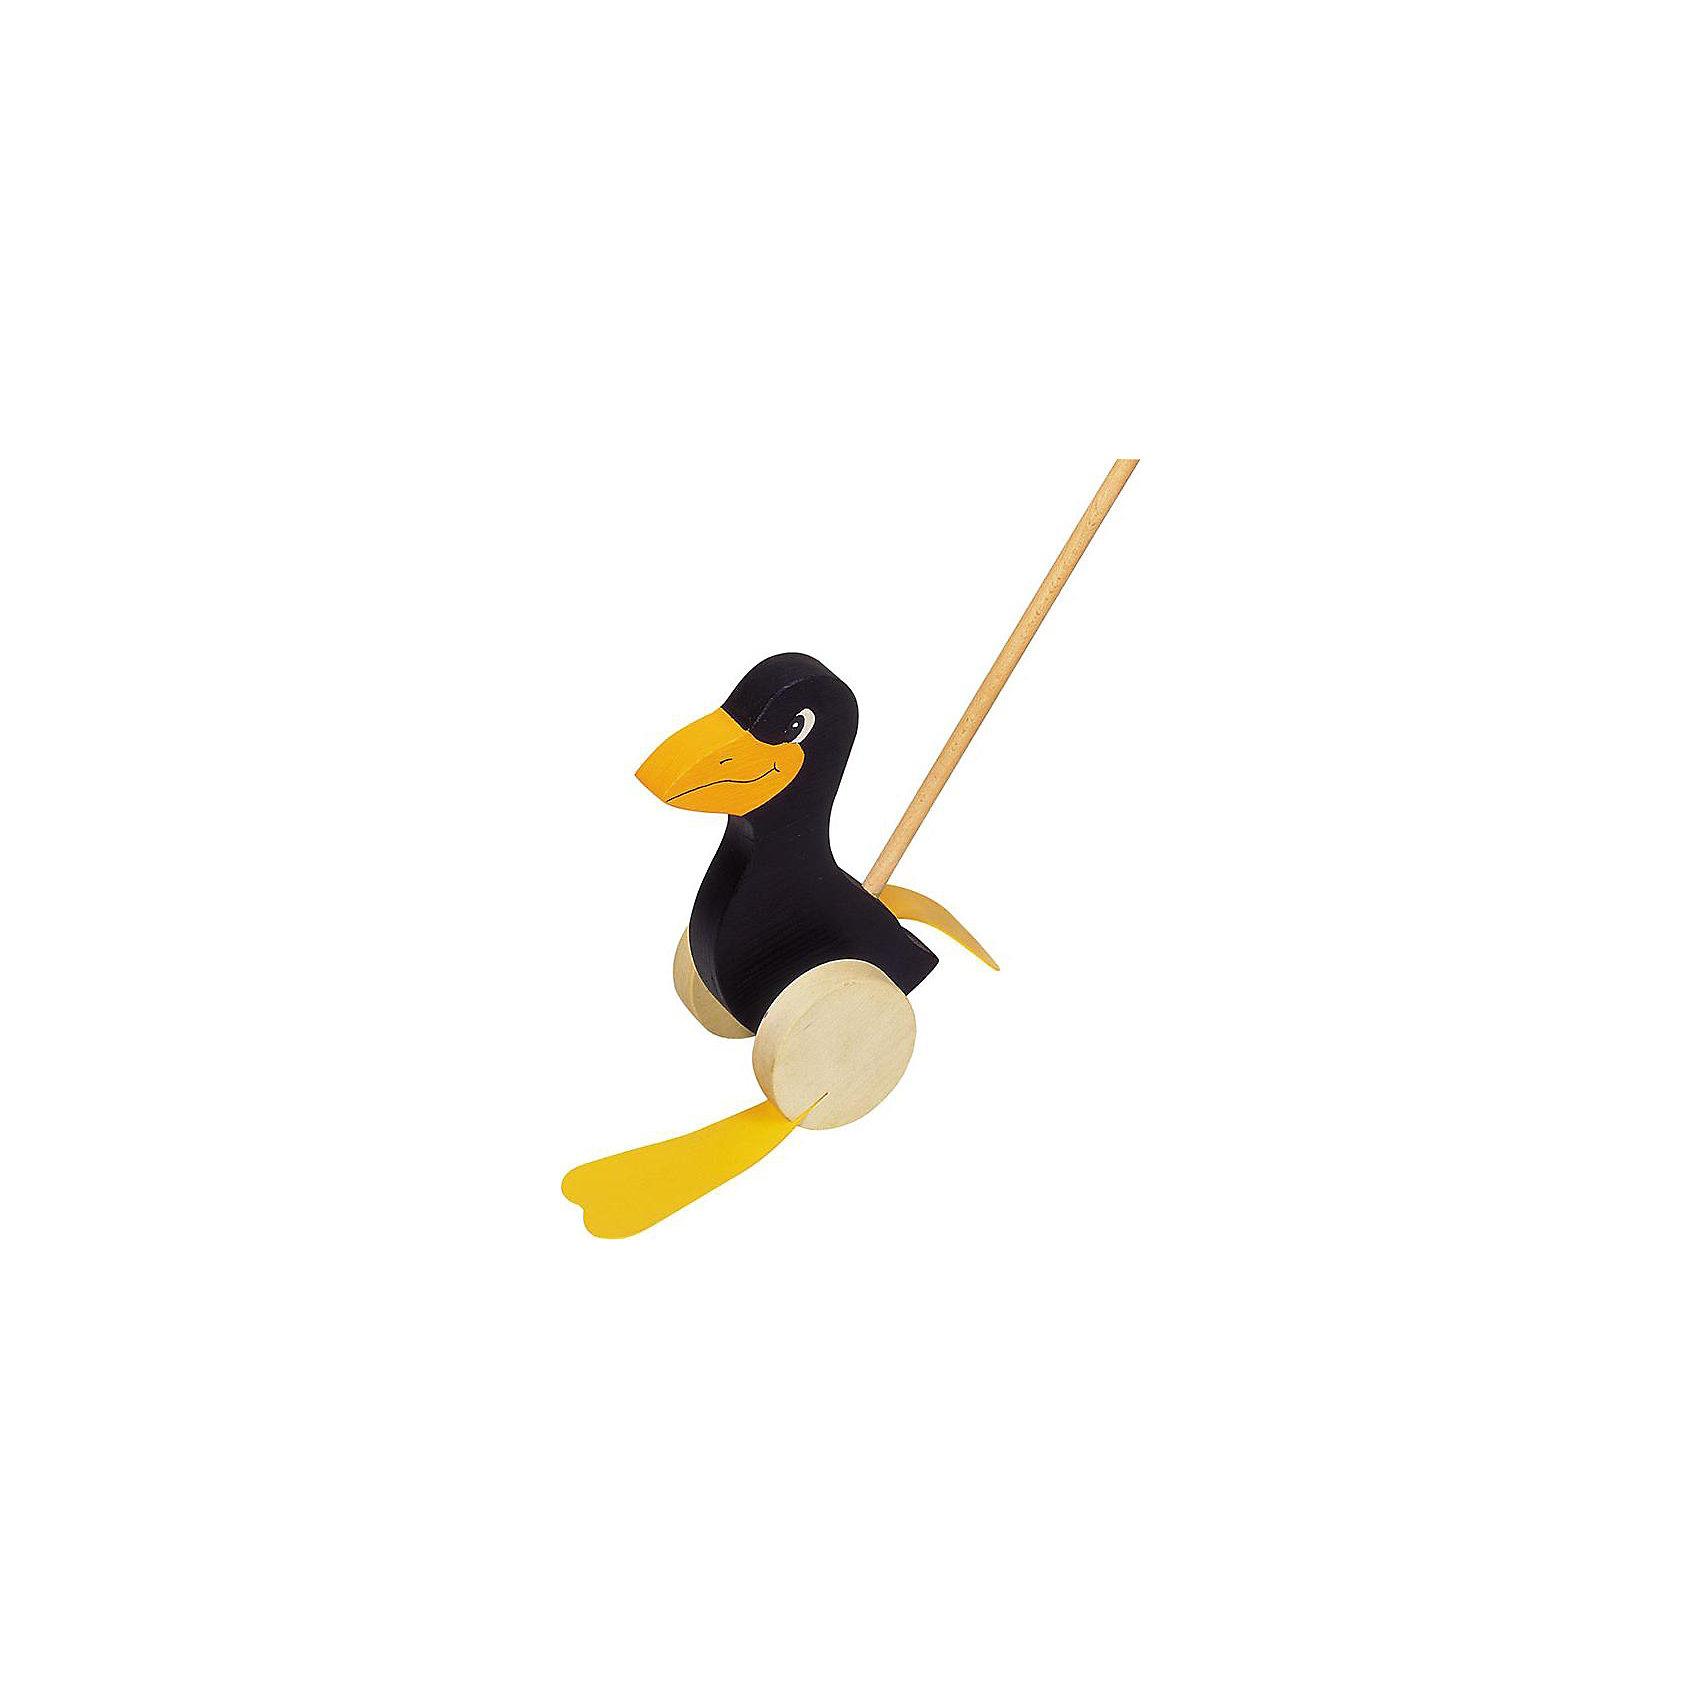 Каталка на палке Ворона, gokiКаталка на палке Ворона, goki<br><br>Характеристики:<br><br>• Материал: дерево, пластик<br>• Размер вороны: 19 см<br>• Высота с ручкой: 60 см<br>• Вес: 395 г<br><br>Сама ворона сделана из дерева, что делает ее экологически чистой. Игрушка качественно обработана и не оставит заноз на коже малыша. Ручка очень удобная. На конце есть шарик, за который малыш сможет легко ее держать. Пластиковые лапки при движении смешно шлепают, развлекая малыша.<br><br>Каталку на палке Ворона, goki можно купить в нашем интернет-магазине.<br><br>Ширина мм: 80<br>Глубина мм: 80<br>Высота мм: 190<br>Вес г: 409<br>Возраст от месяцев: 12<br>Возраст до месяцев: 48<br>Пол: Унисекс<br>Возраст: Детский<br>SKU: 2329053